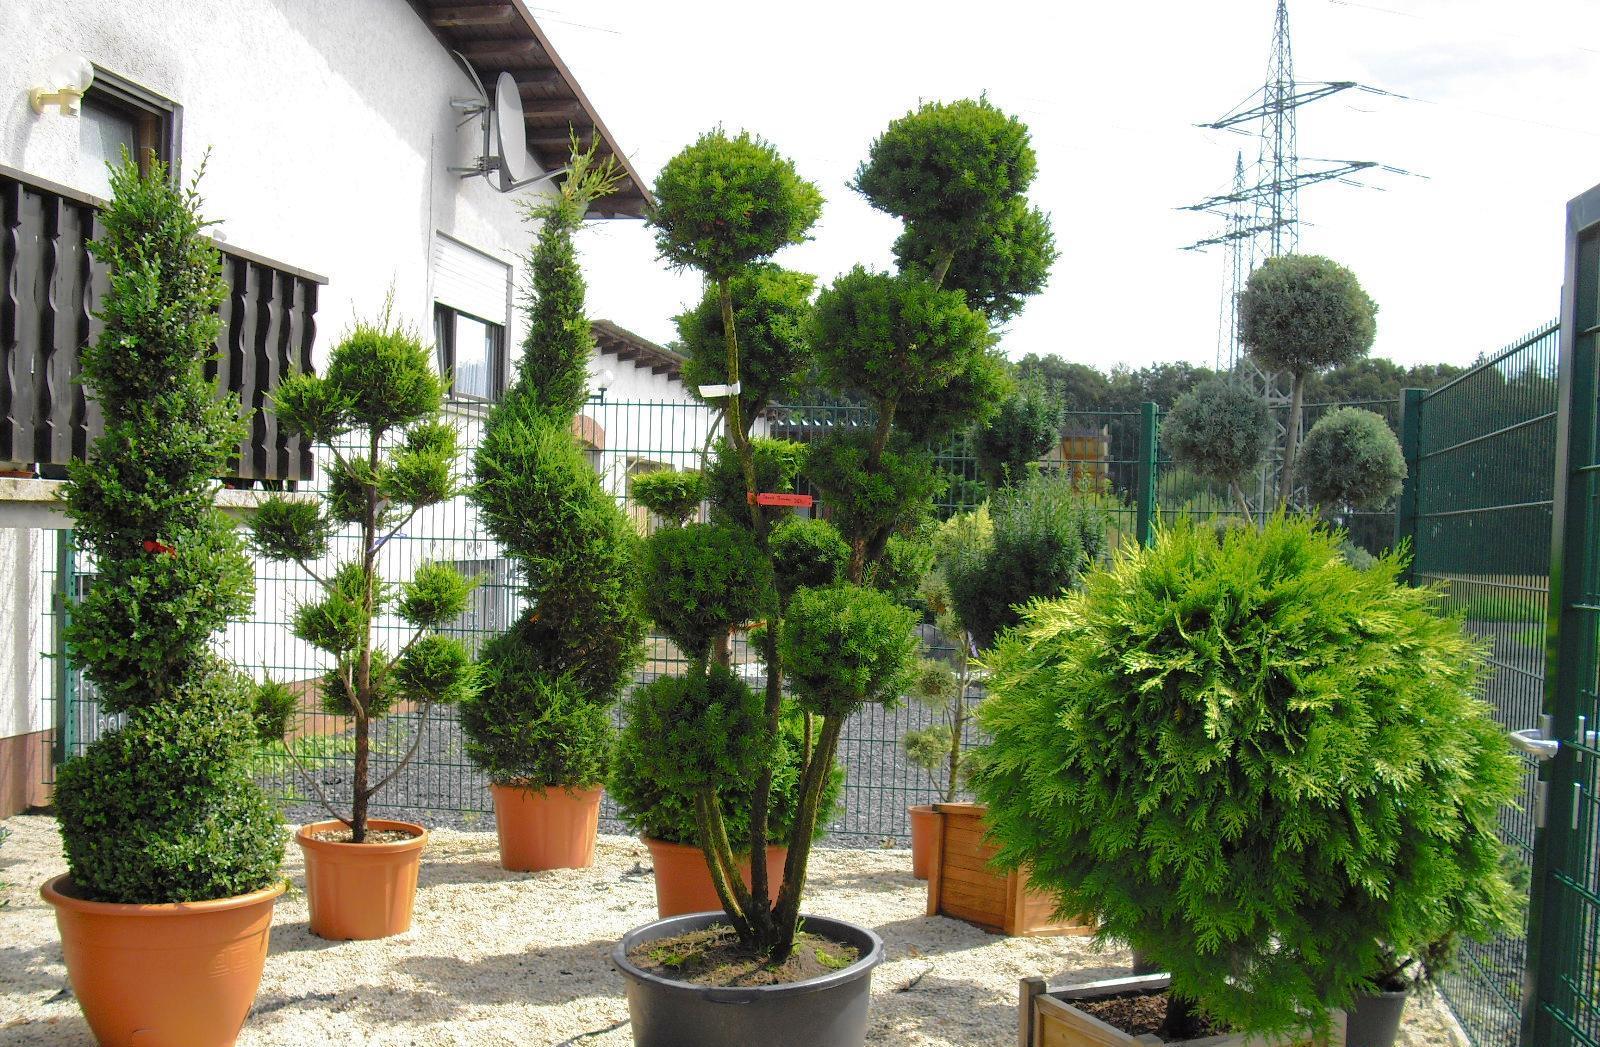 Japanische Bäume Für Den Garten Kaufen Moderne Zier And